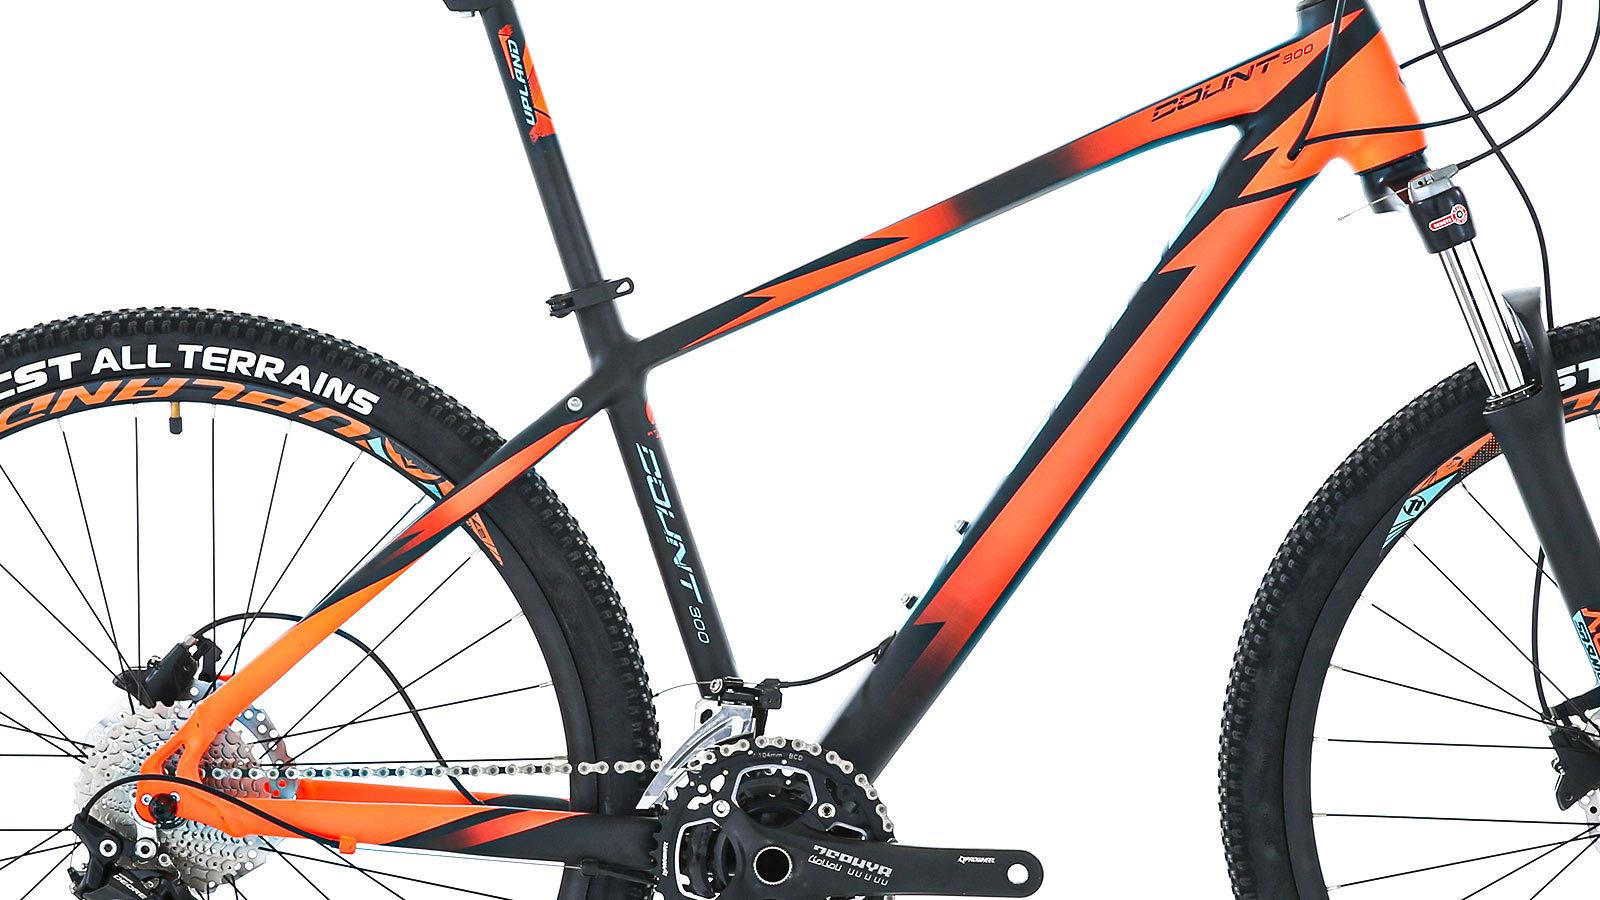 рама и педаль горного велосипеда